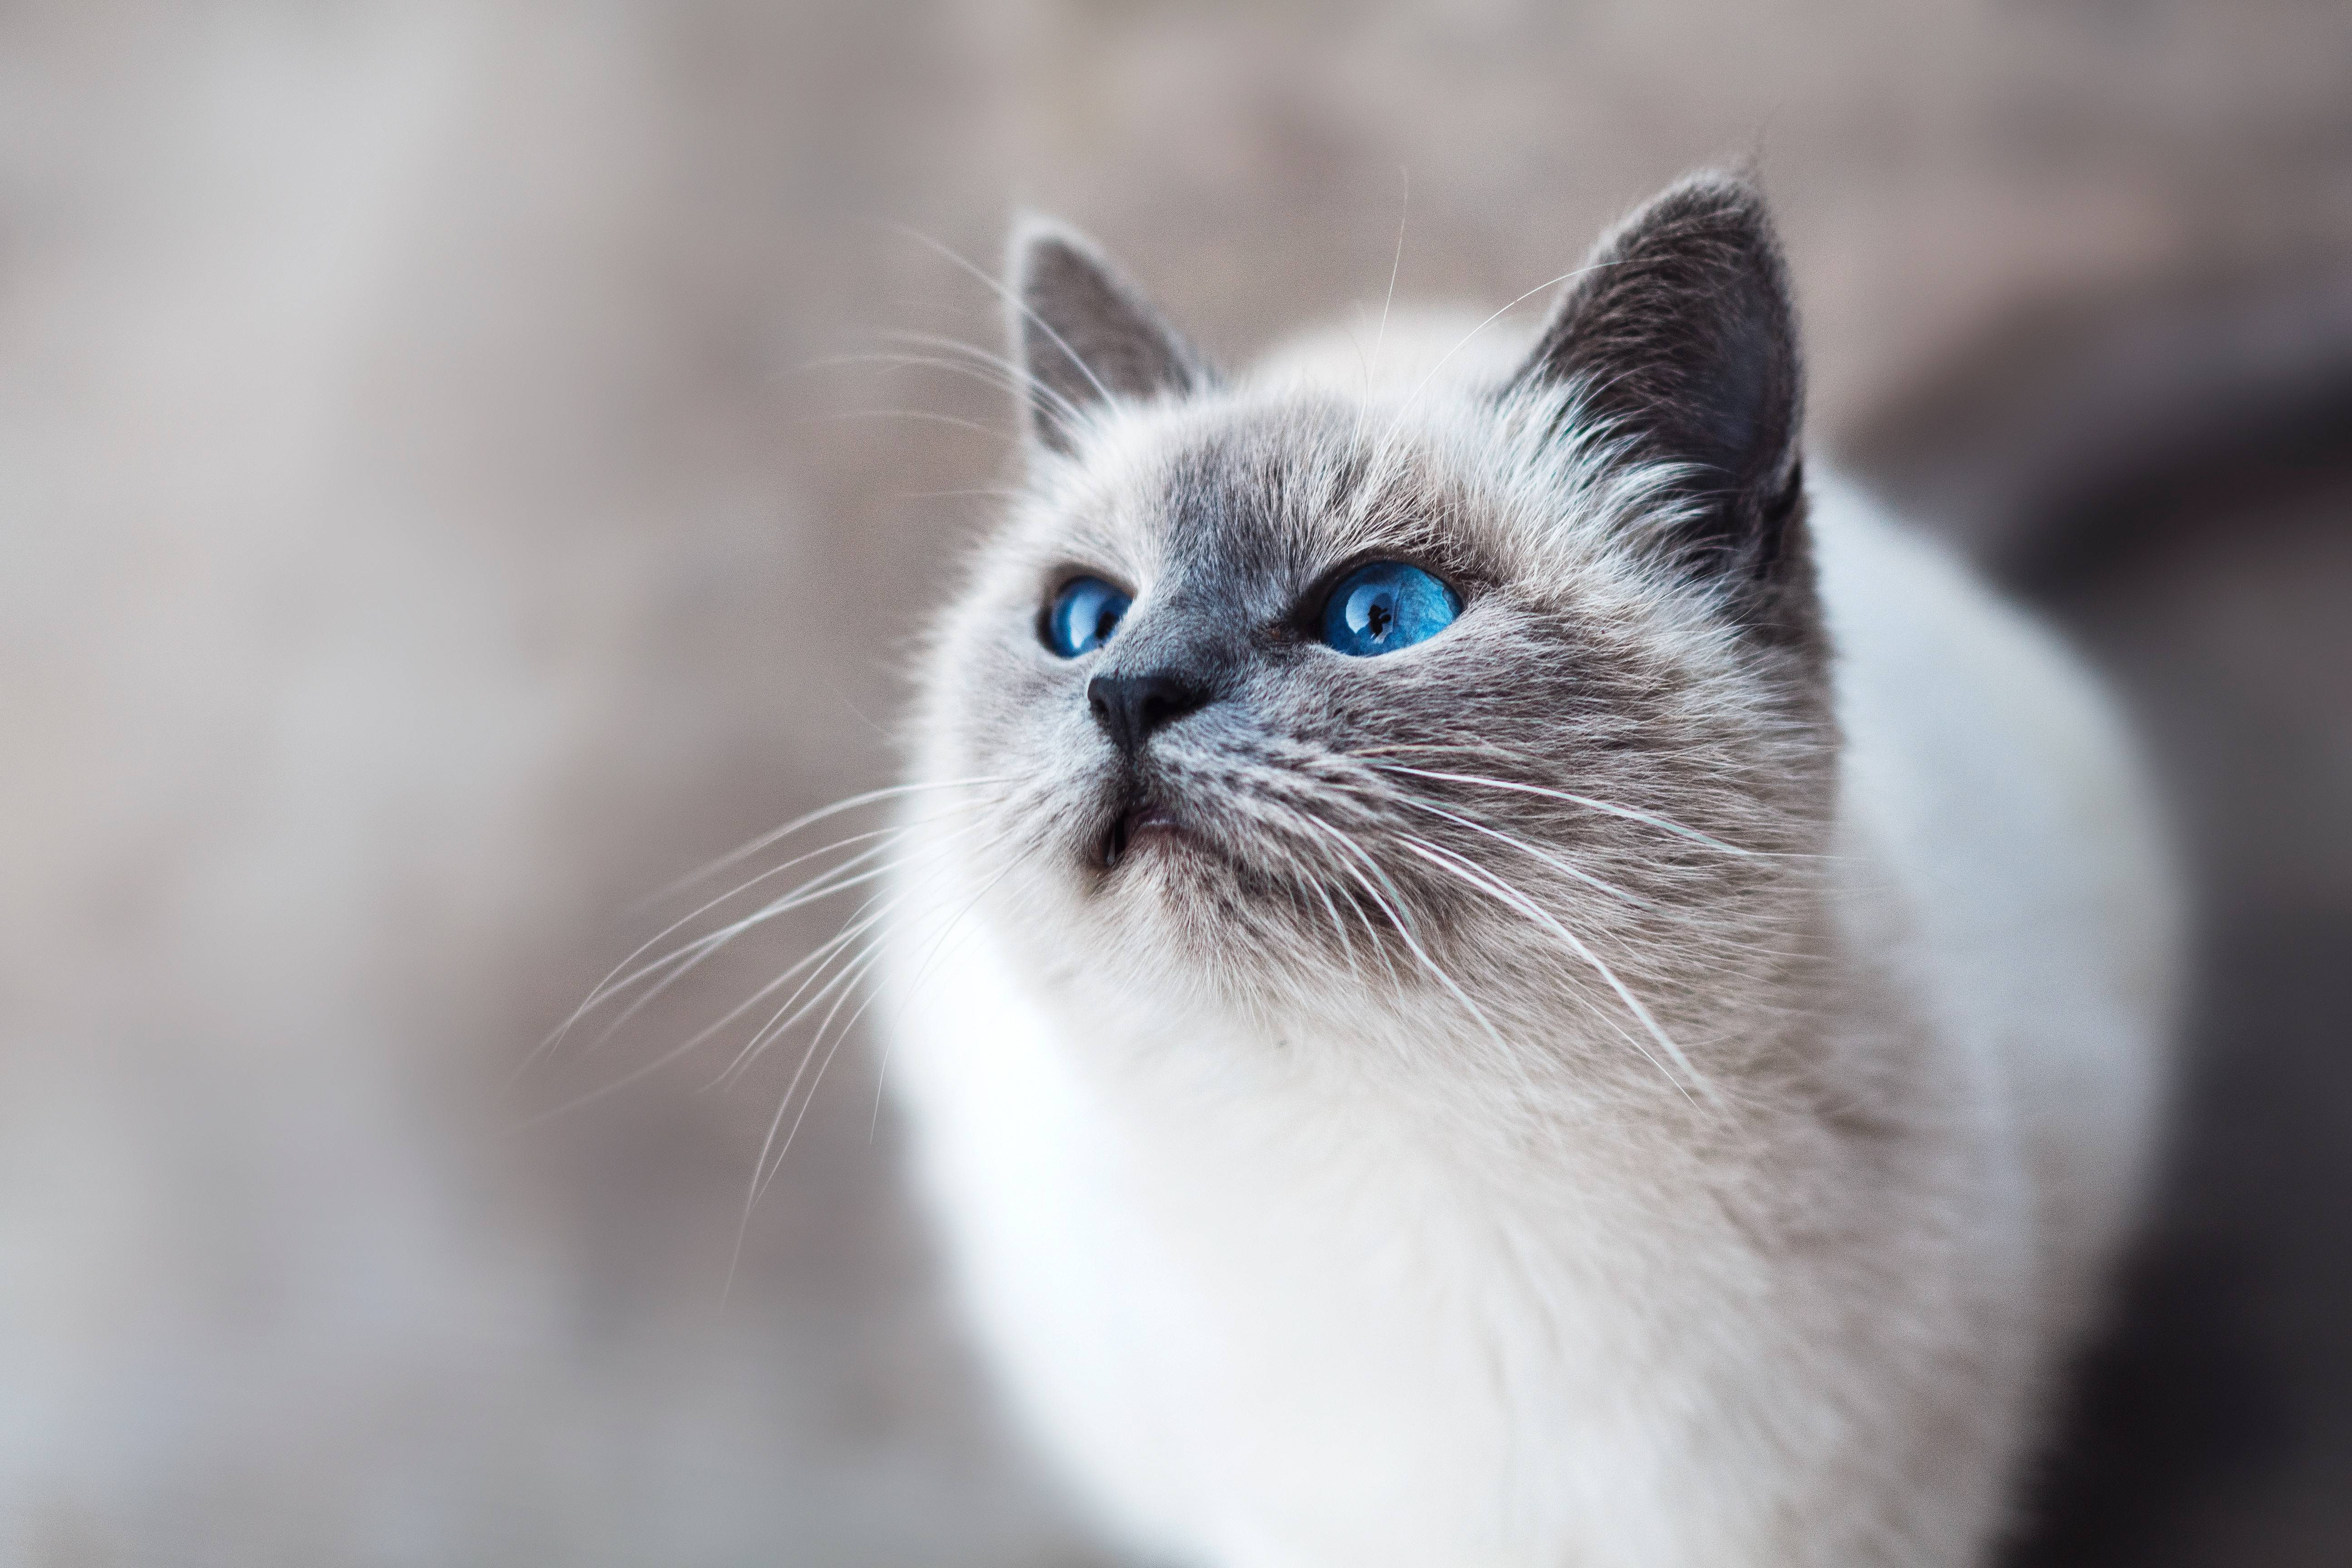 Возможные осложнения у кошки после родов: симптомы, диагностика, лечение